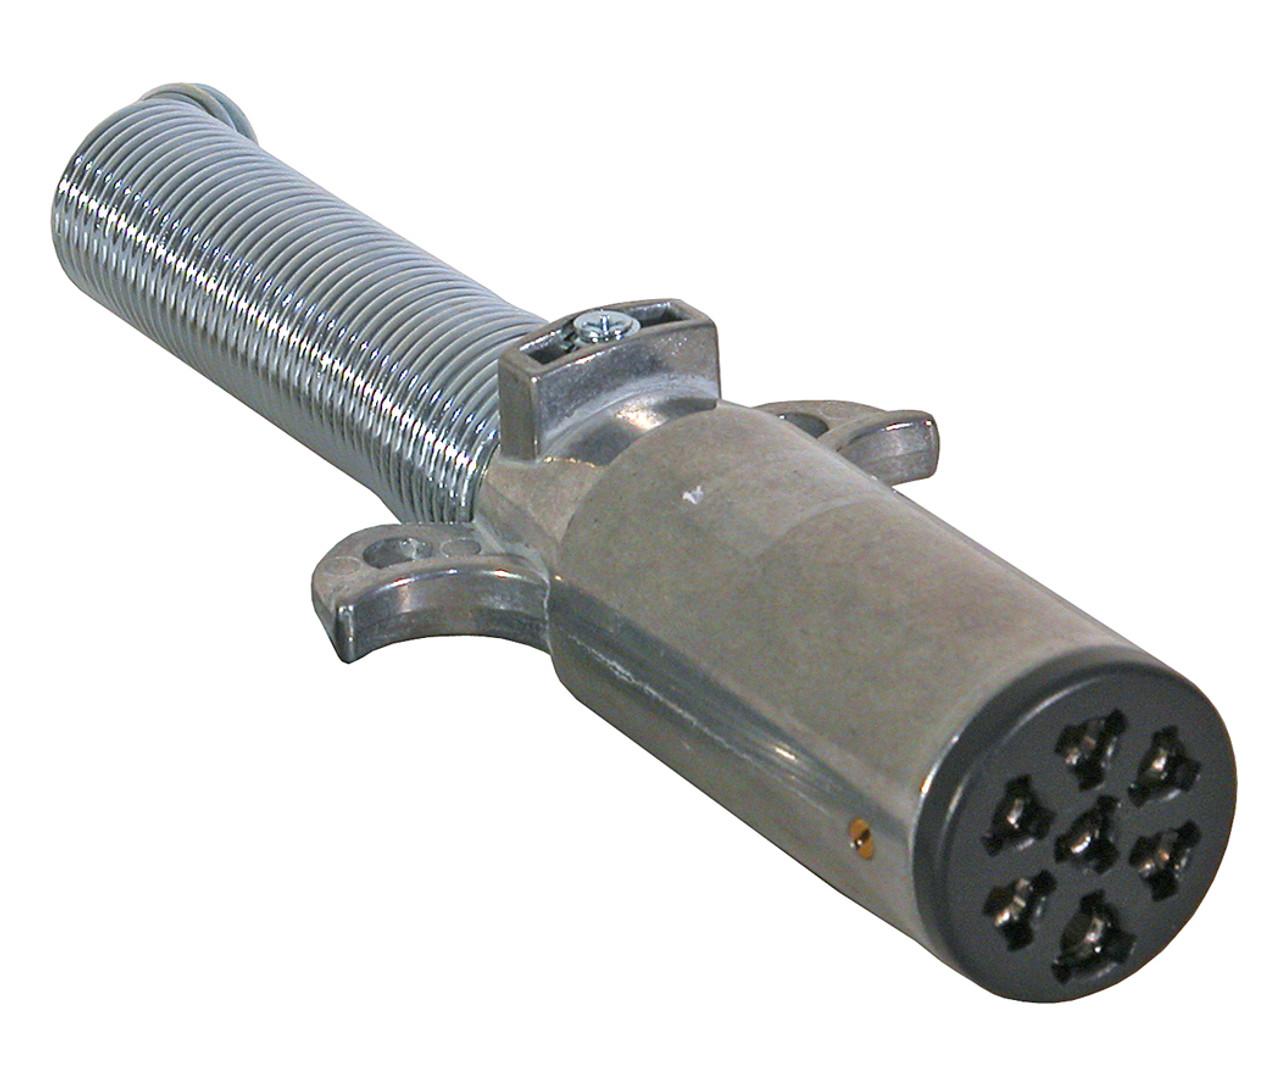 177P --- 7-Way Round with Round Pin Plug with Spring